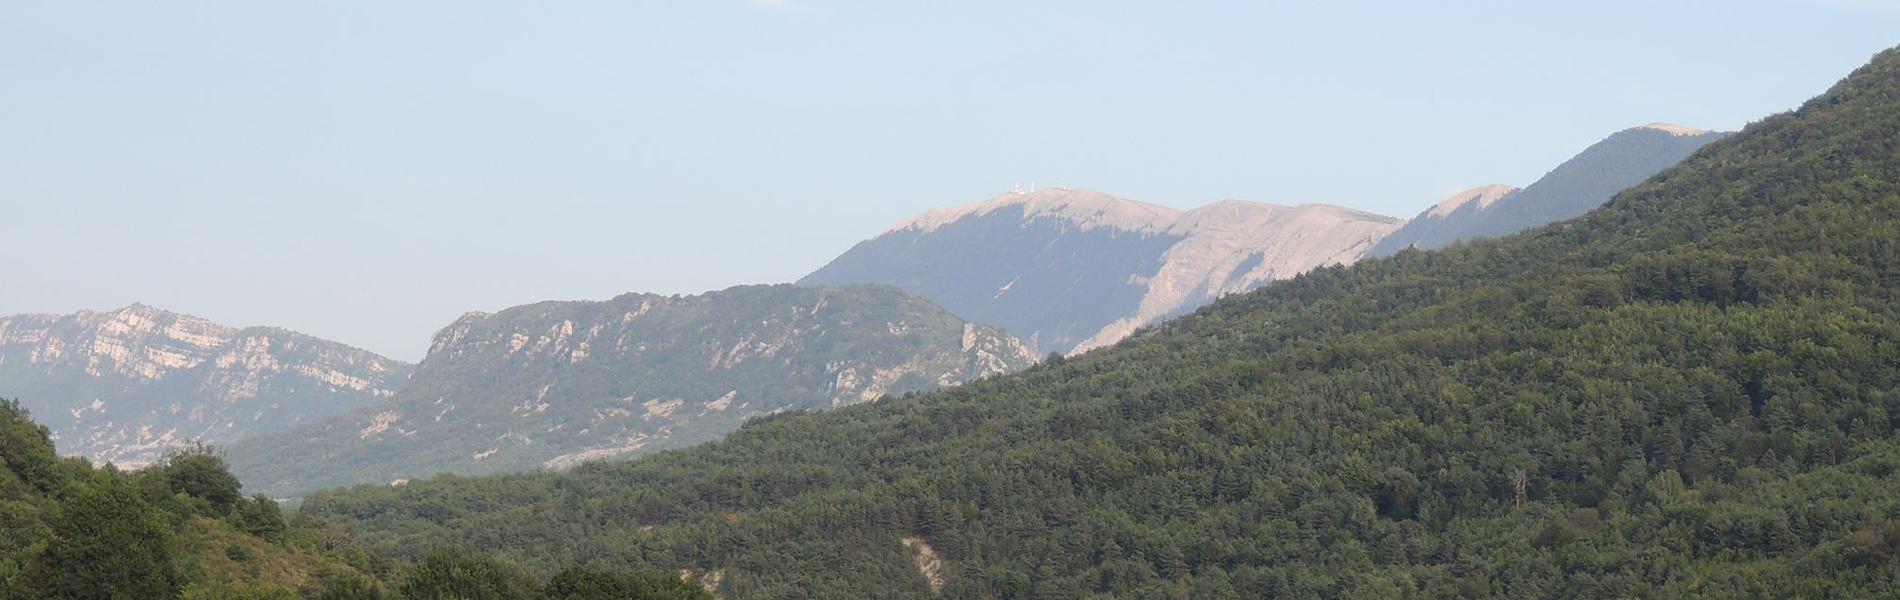 slide-vue-sur-la-montagne-de-lure